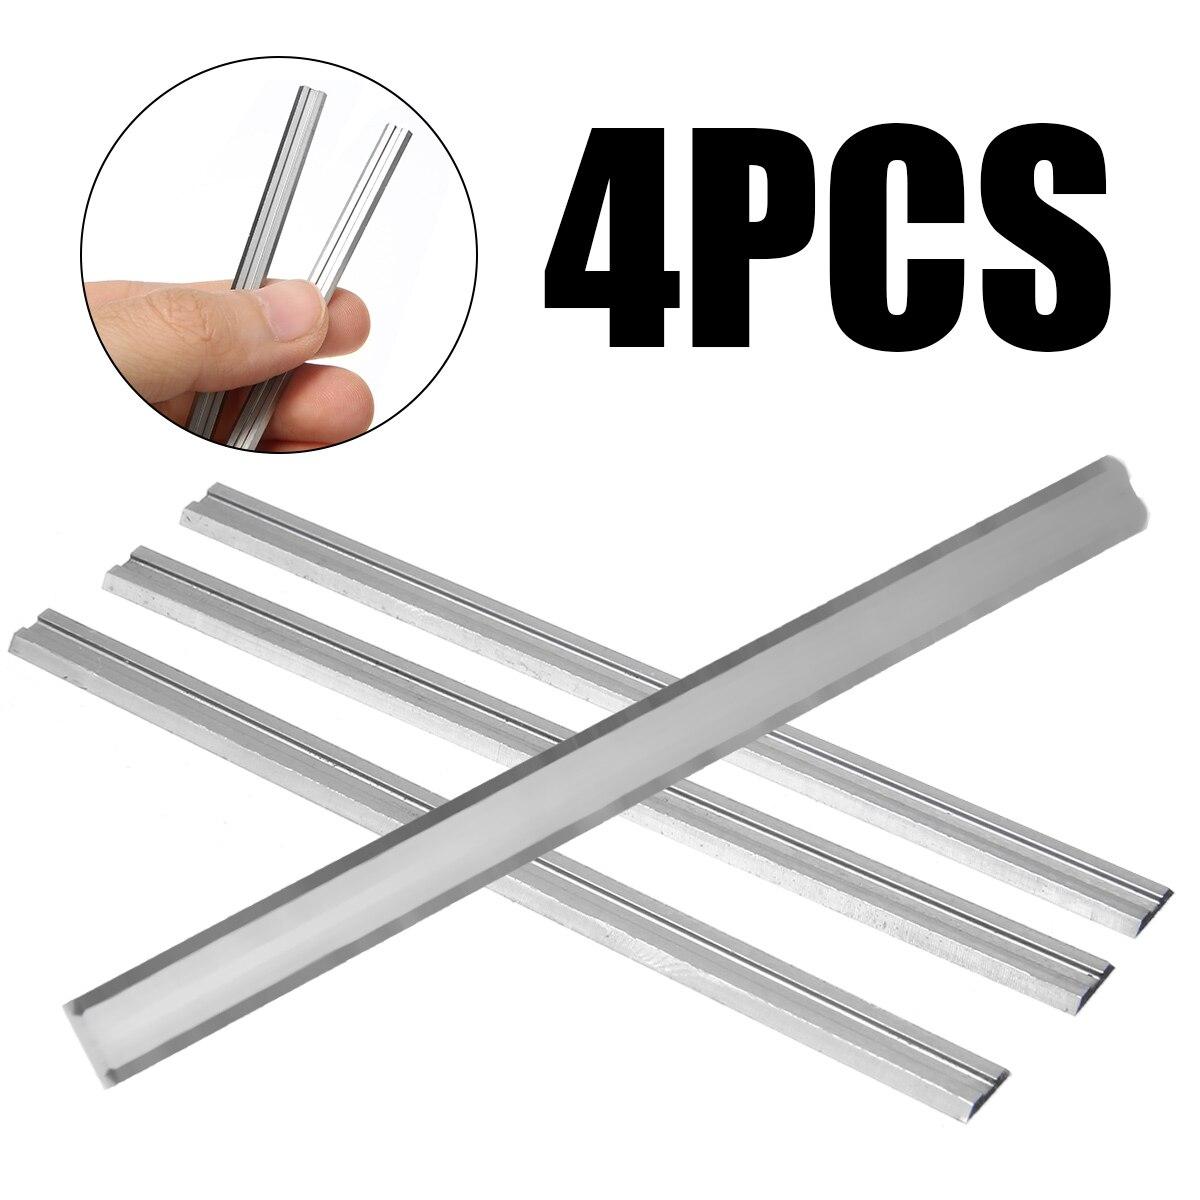 4pcs Carbide 82*5.5*1.1mm Planer Knife 82mm for Bosch PHO 25-82 / PHO 200 / PHO 16-82 / B34 HM Planer Blades Hot Sale